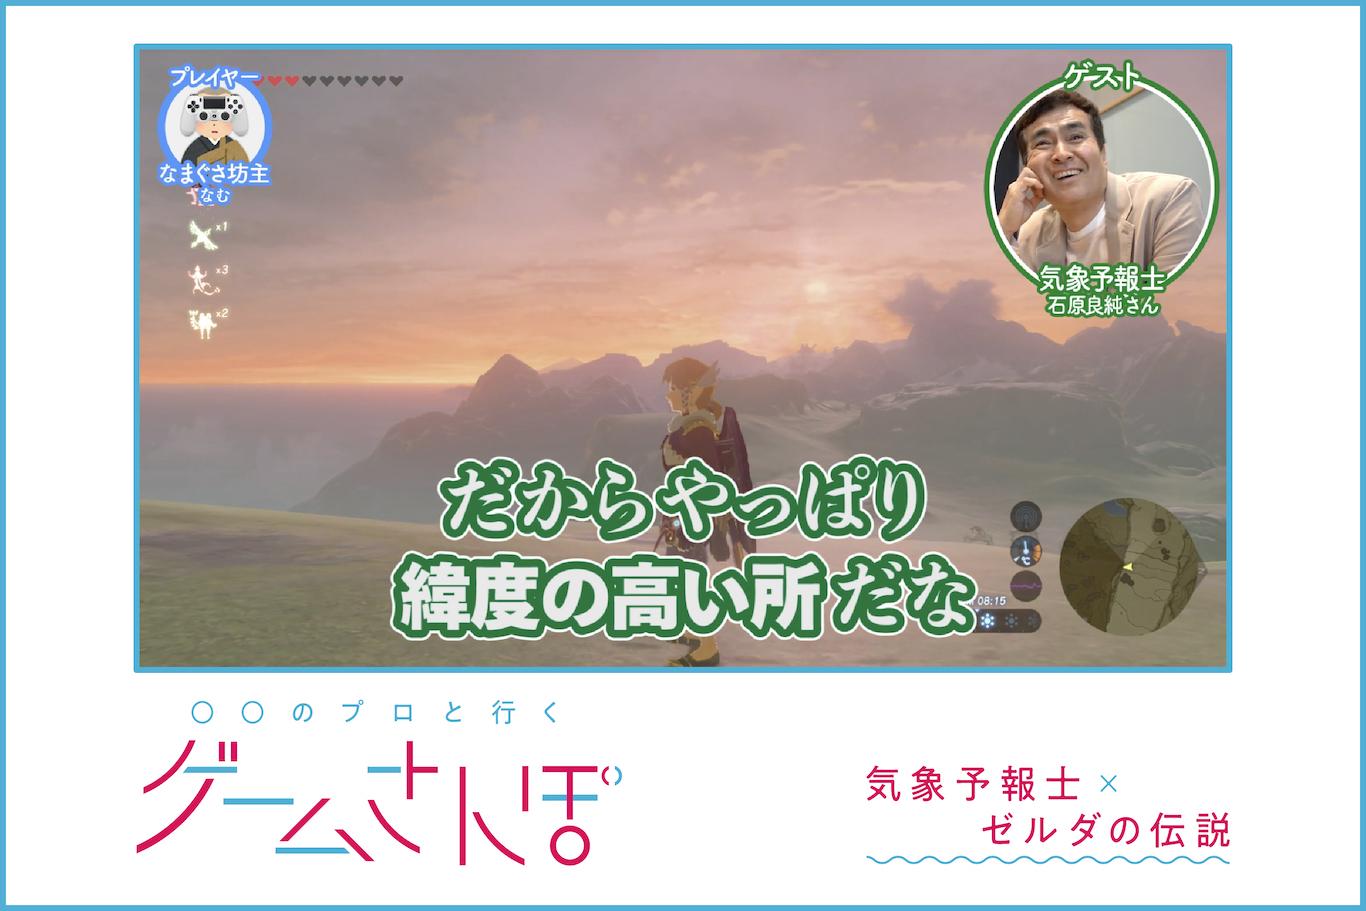 [画像] 気象予報士・石原良純さんと『ゼルダの伝説 ブレス オブ ザ ワイルド』をやってみたら、天気の仕組みがよーーくわかった!